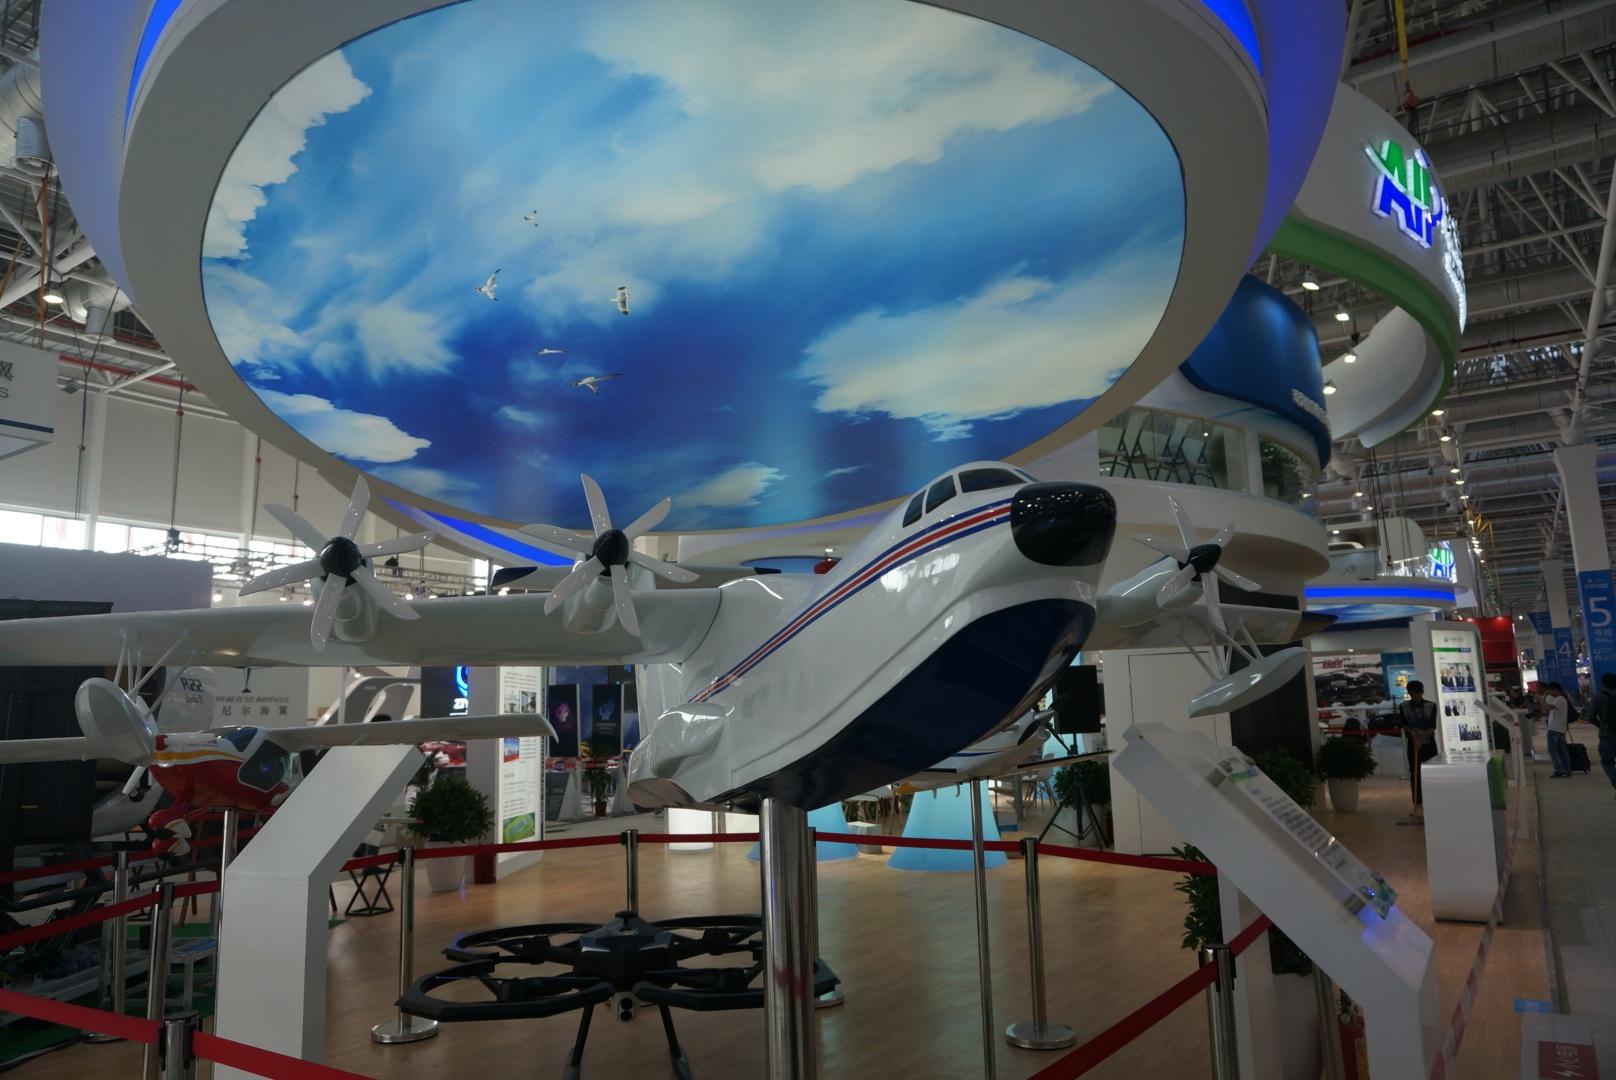 相约珠海航展,用VR共享炫舞蓝天